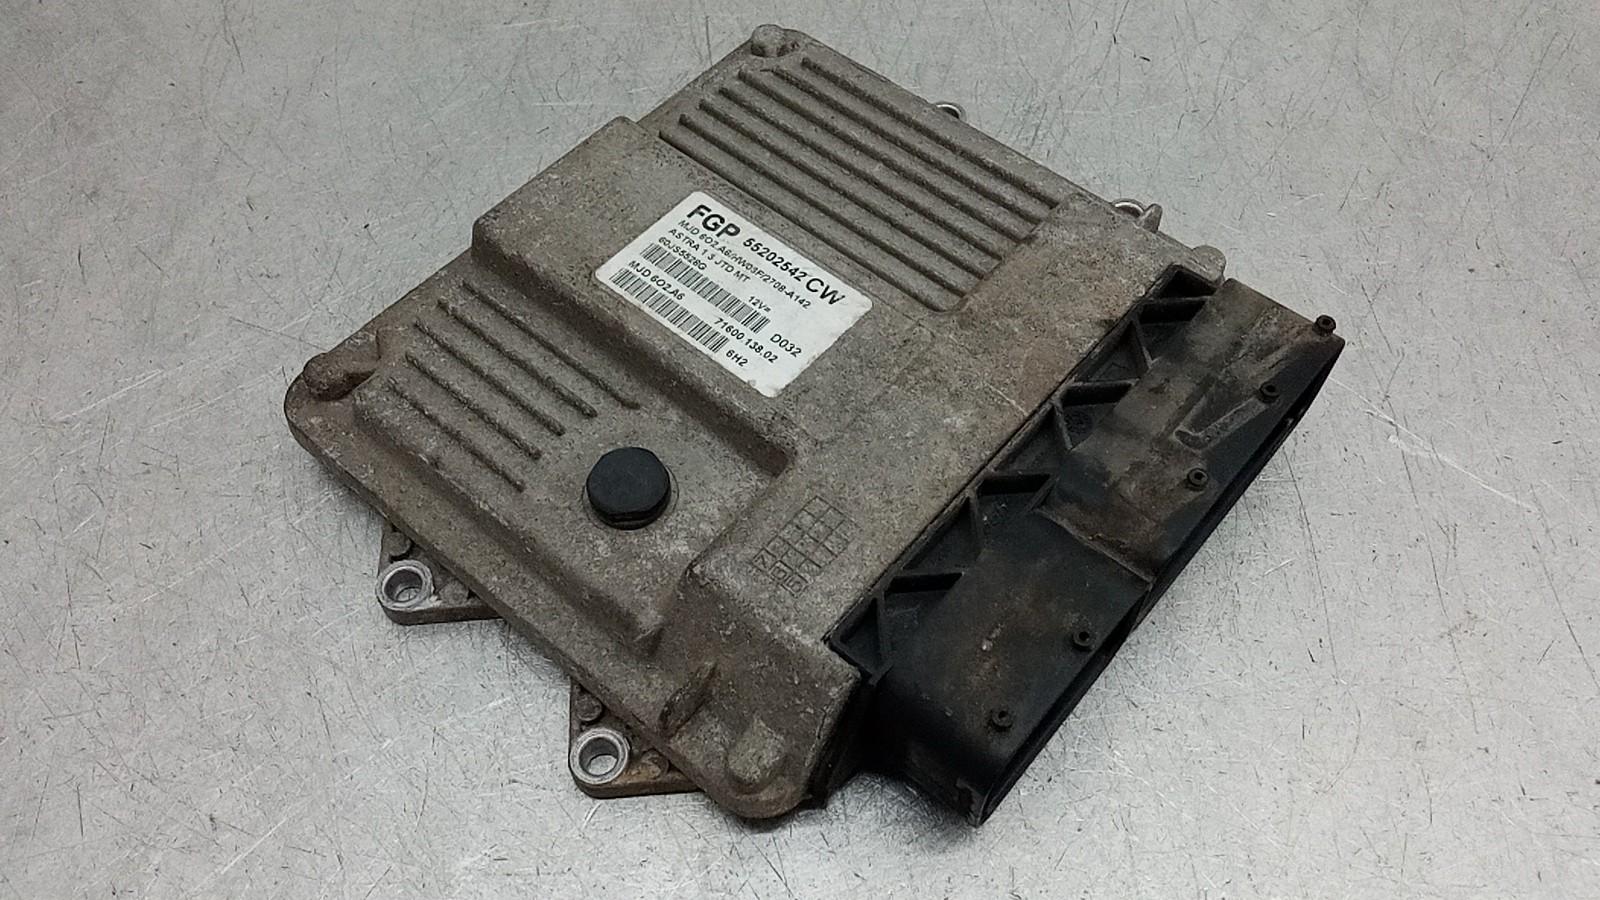 Centralina do Motor (20411931).